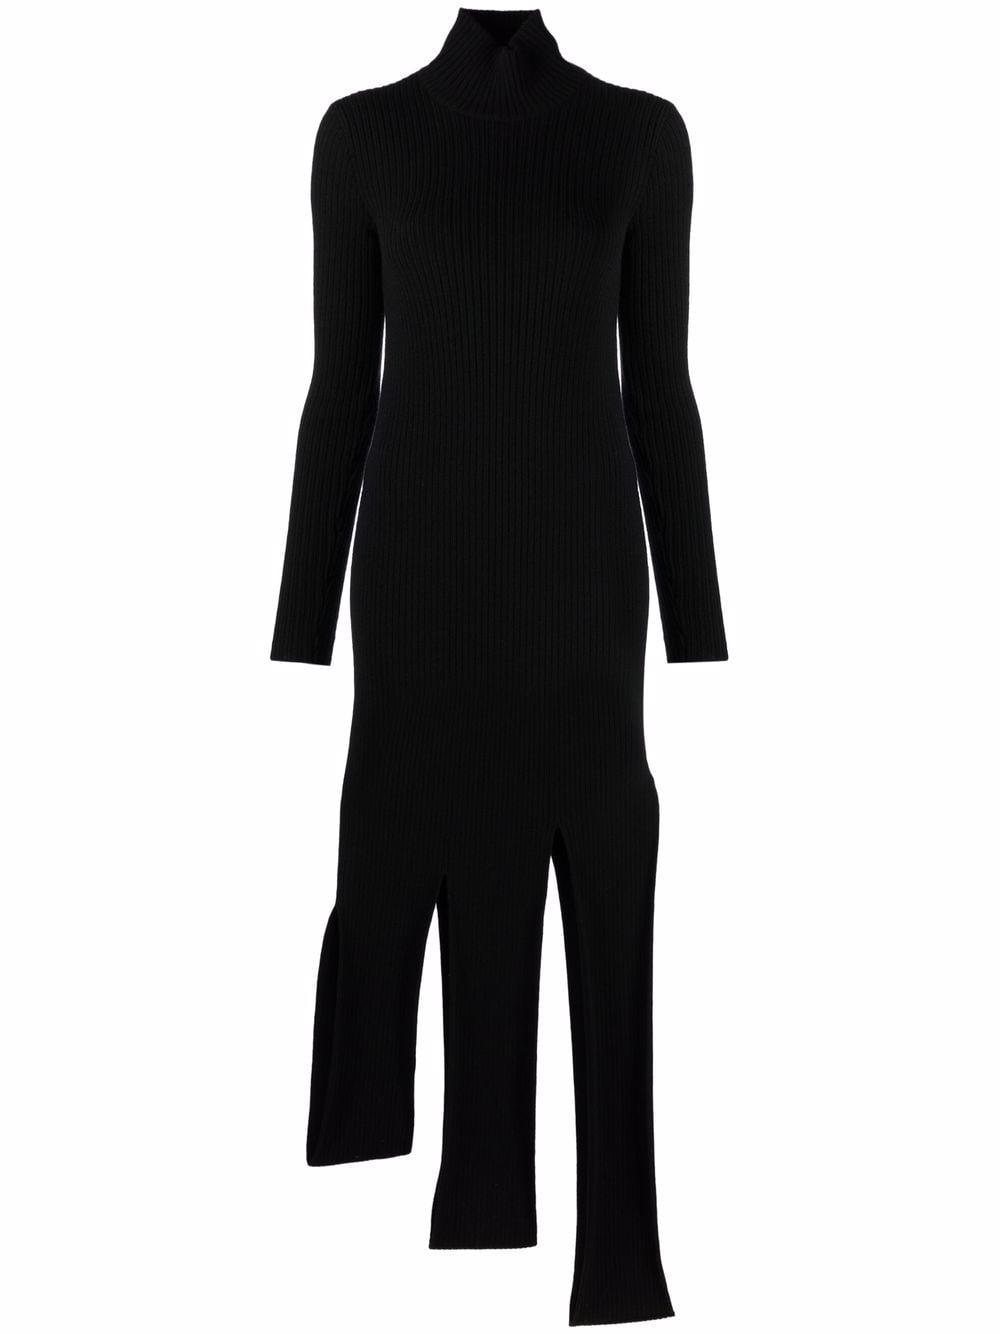 Picture of Bottega Veneta | Asymmetric Knitted Dress